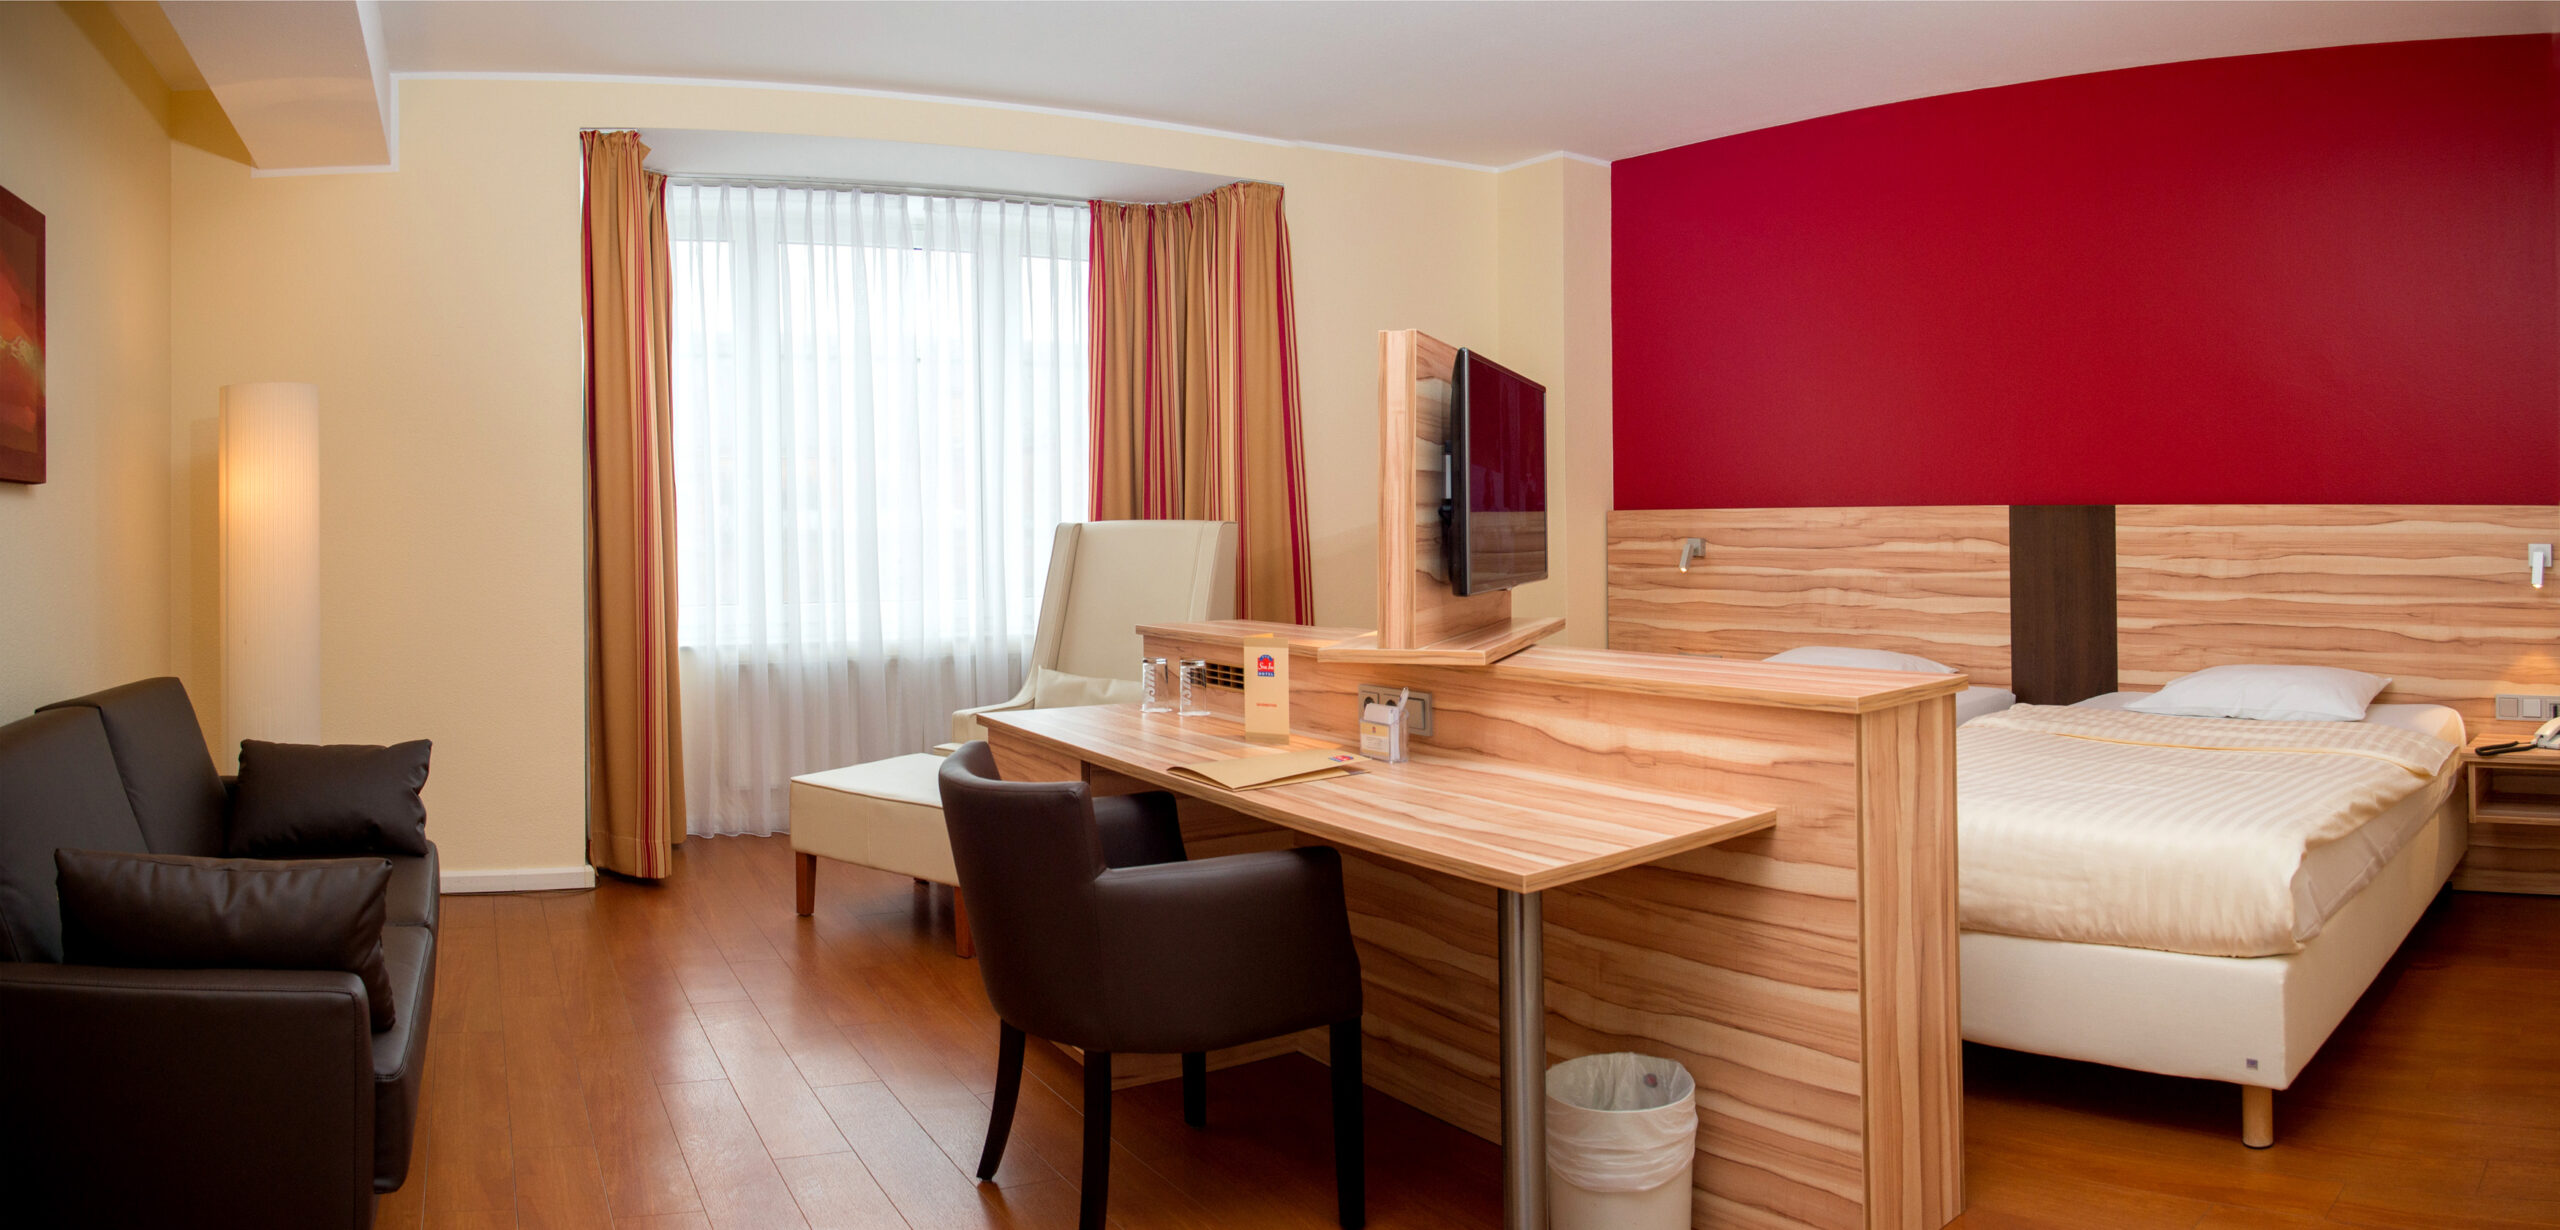 Familienhotel im Herzen Bremens